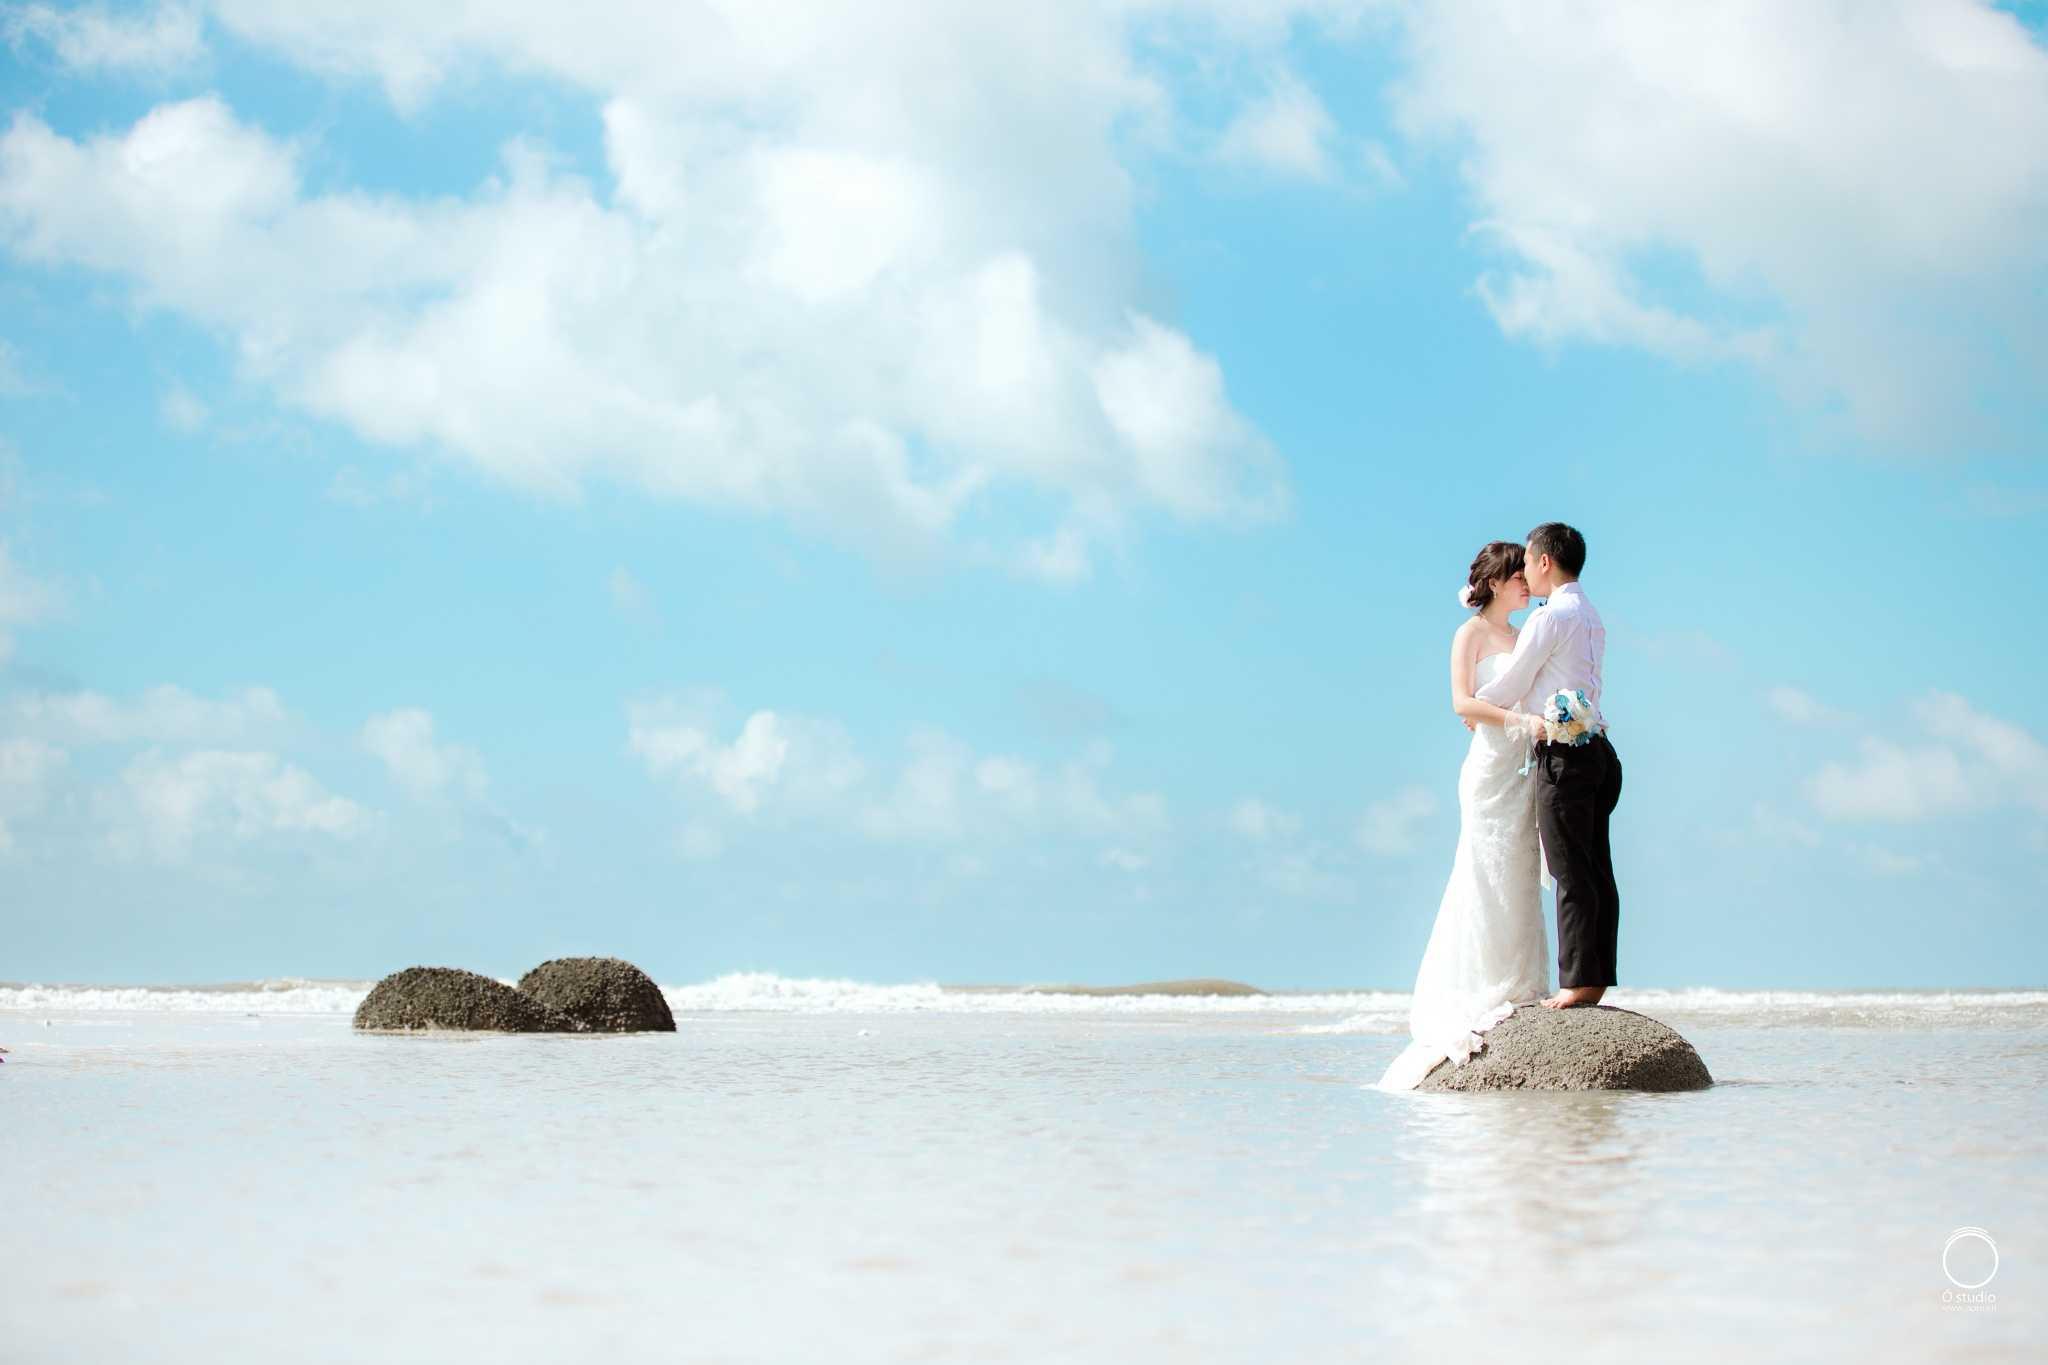 /uploads/images/chup-anh-cuoi-sieu-dep-tai. Hình 1. Chụp ảnh cưới trên bãi biển đẹp ...